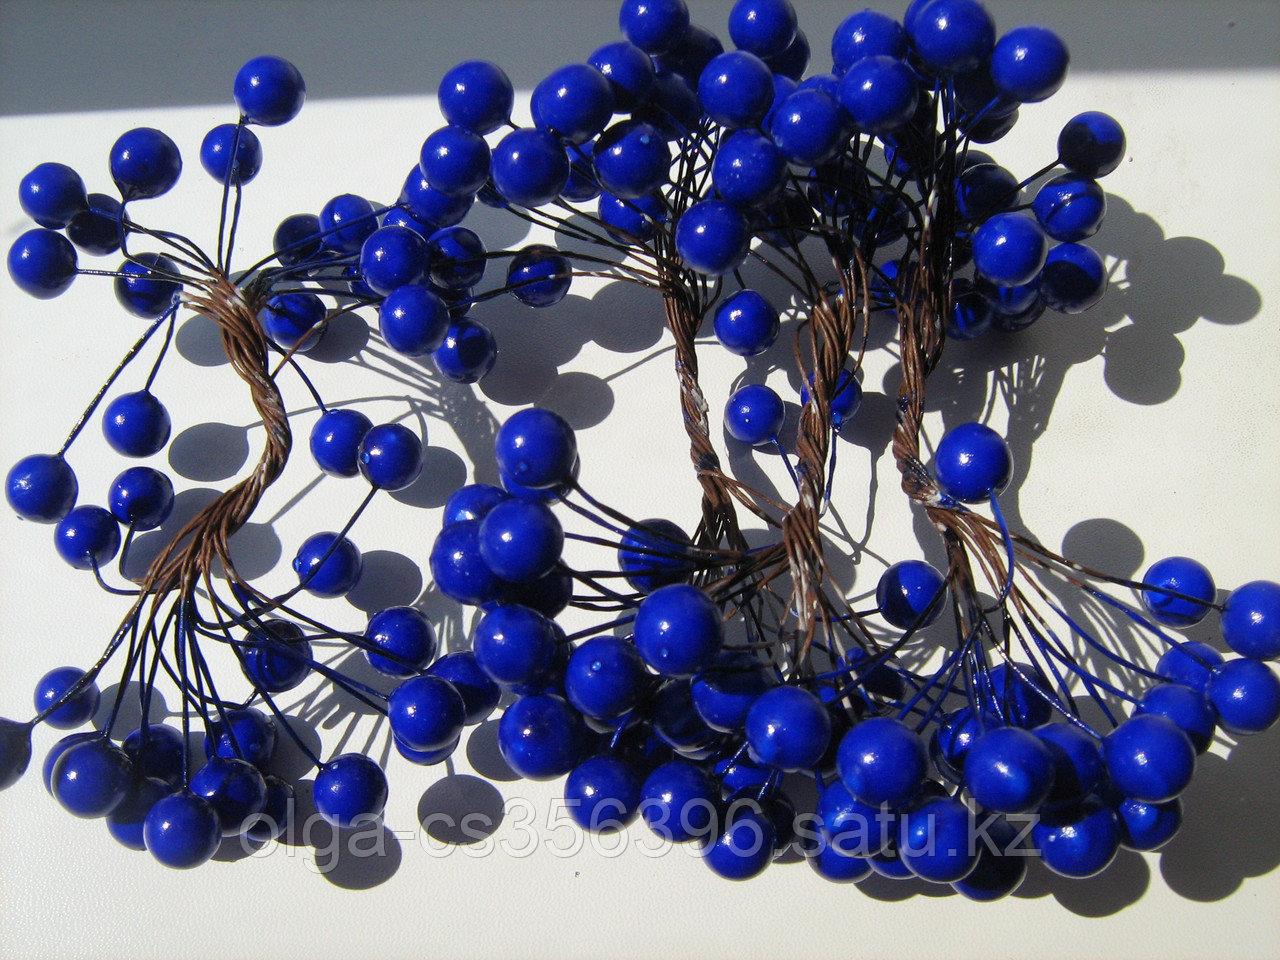 Ягоды 10 мм. Синии. Creativ 625 - 12